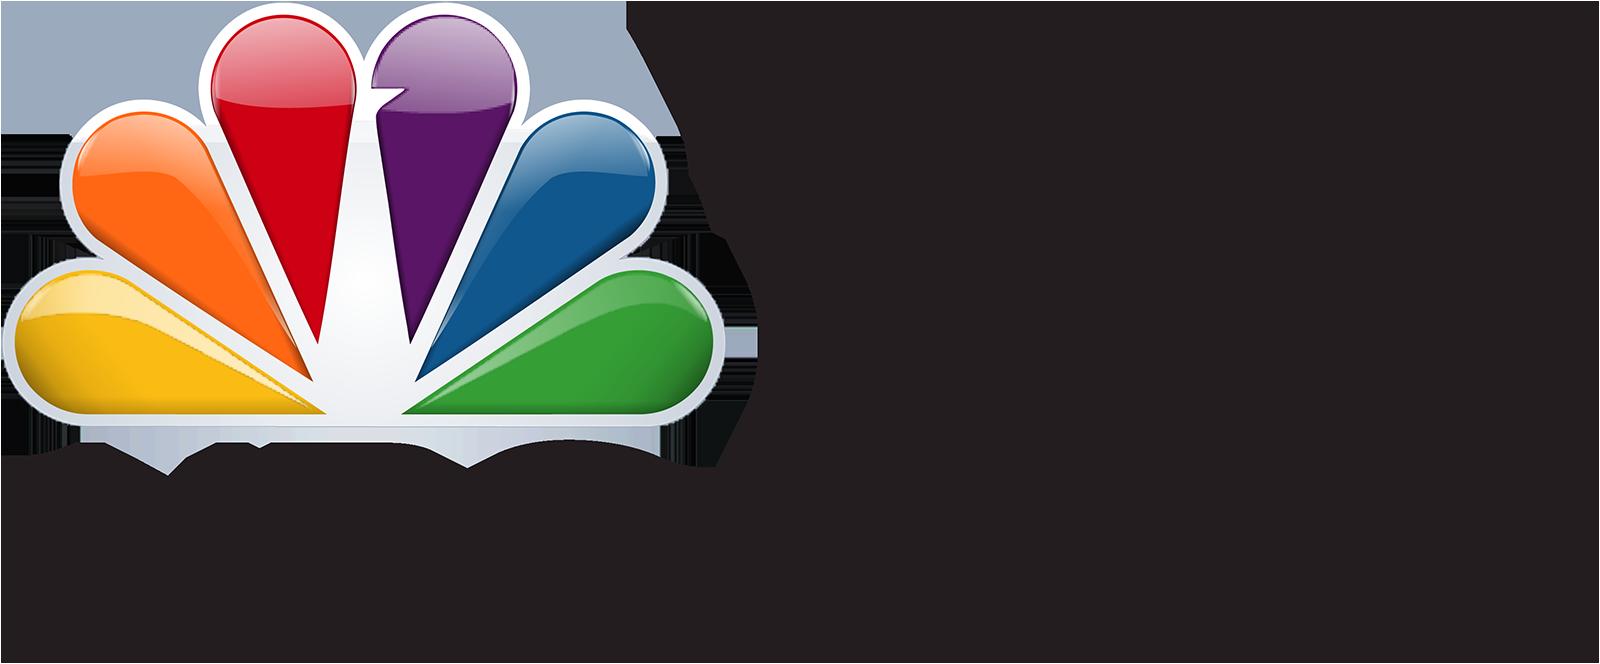 WPMI 15 News logo